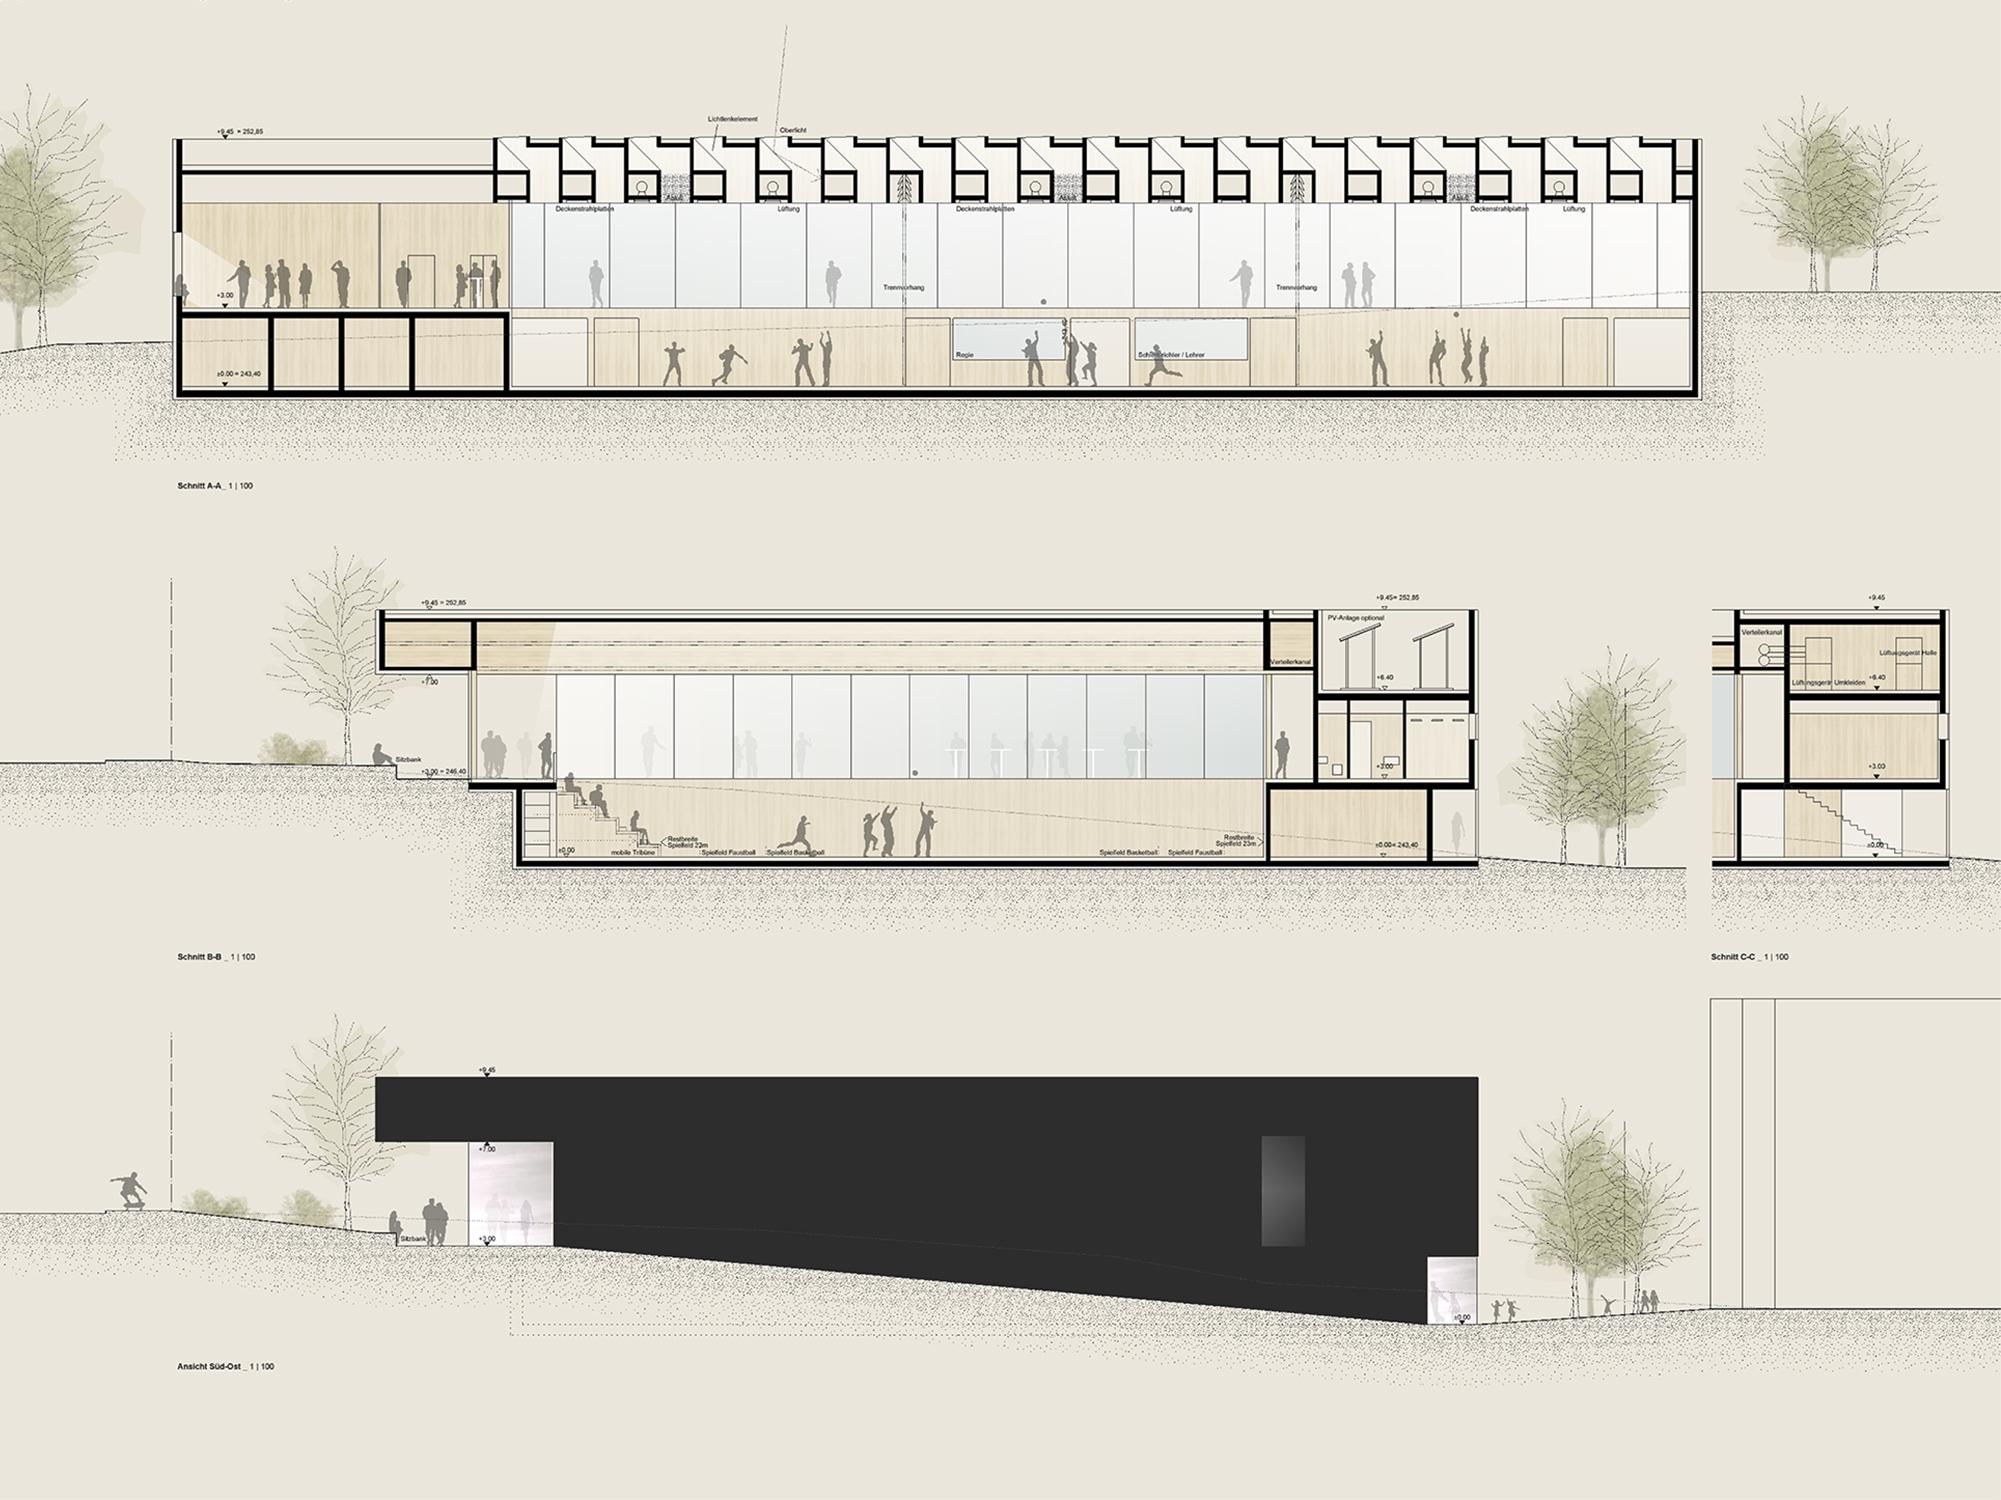 1. Preis Neuplanung Einer Sporthalle Alter Postweg Competitionline